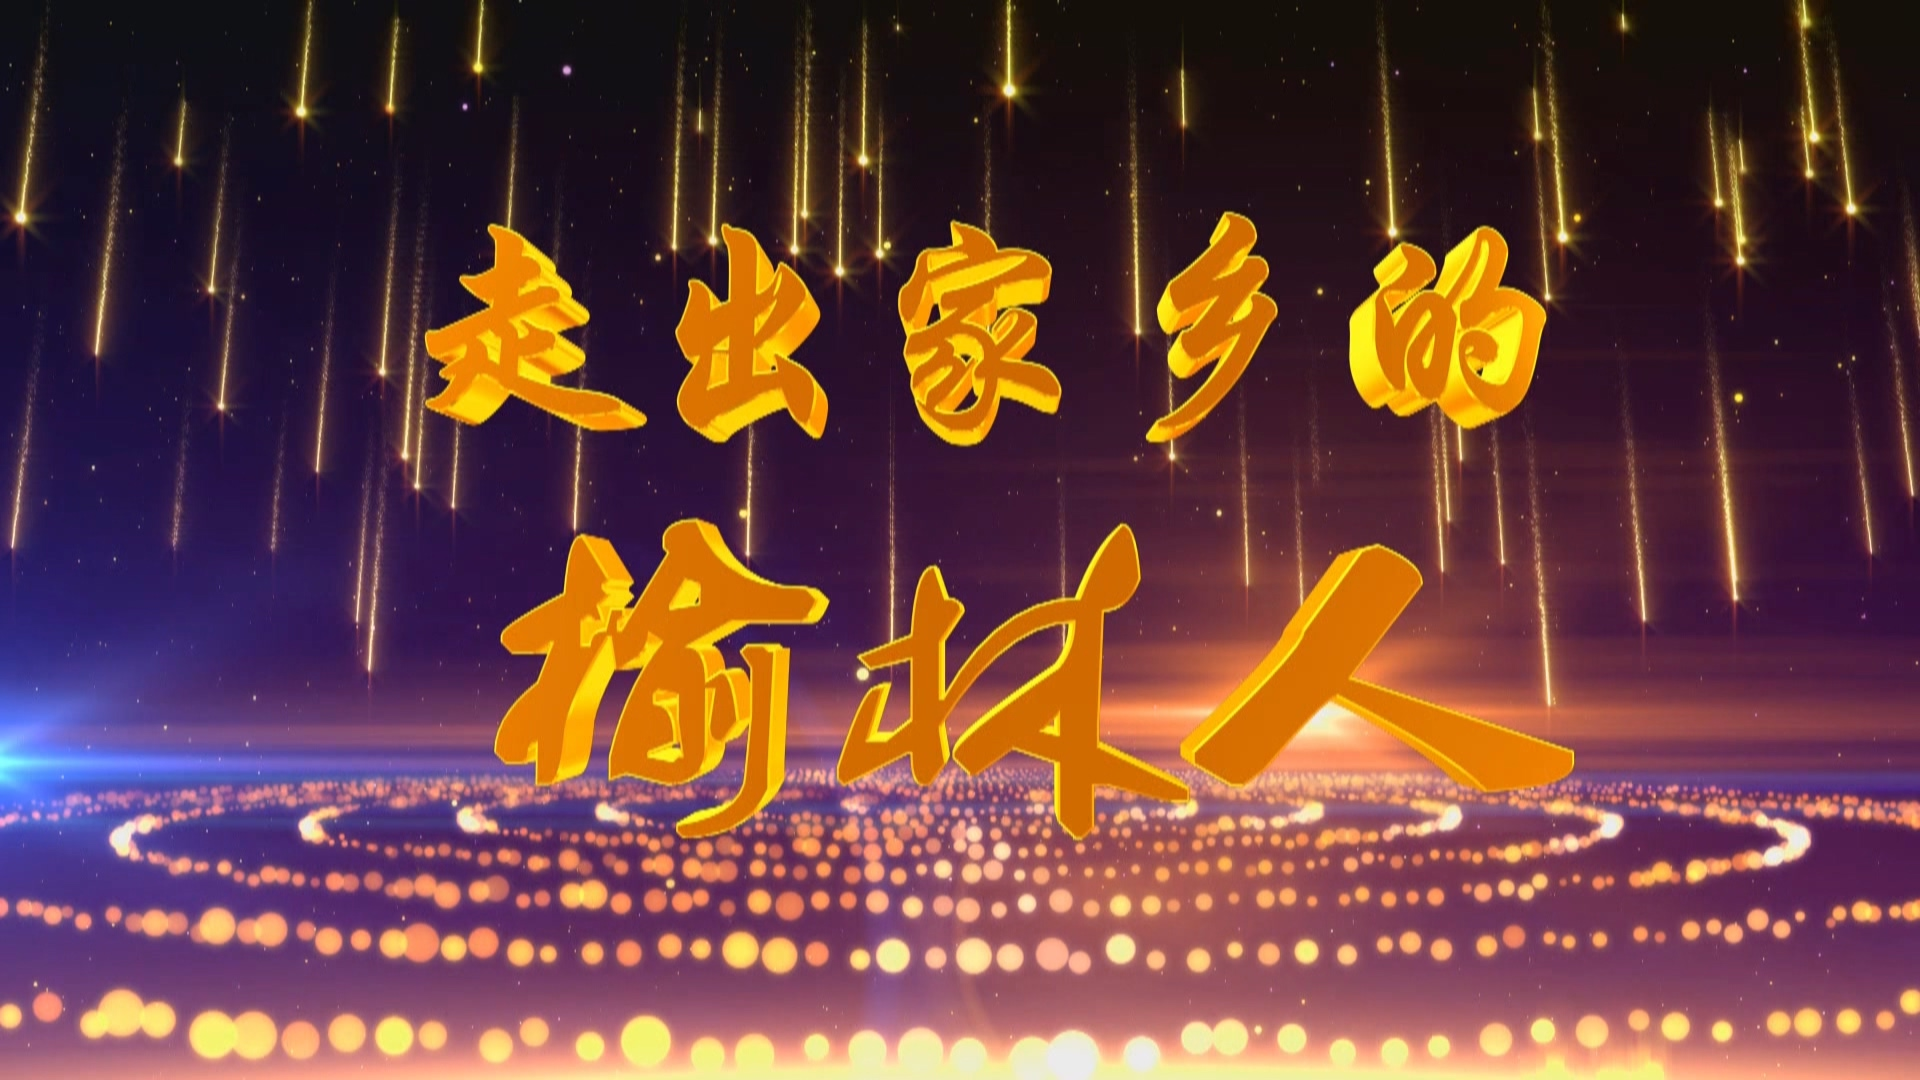 【走出家乡的榆林人】西域执教留军魂 韩新民的新疆故事 2018-11-13